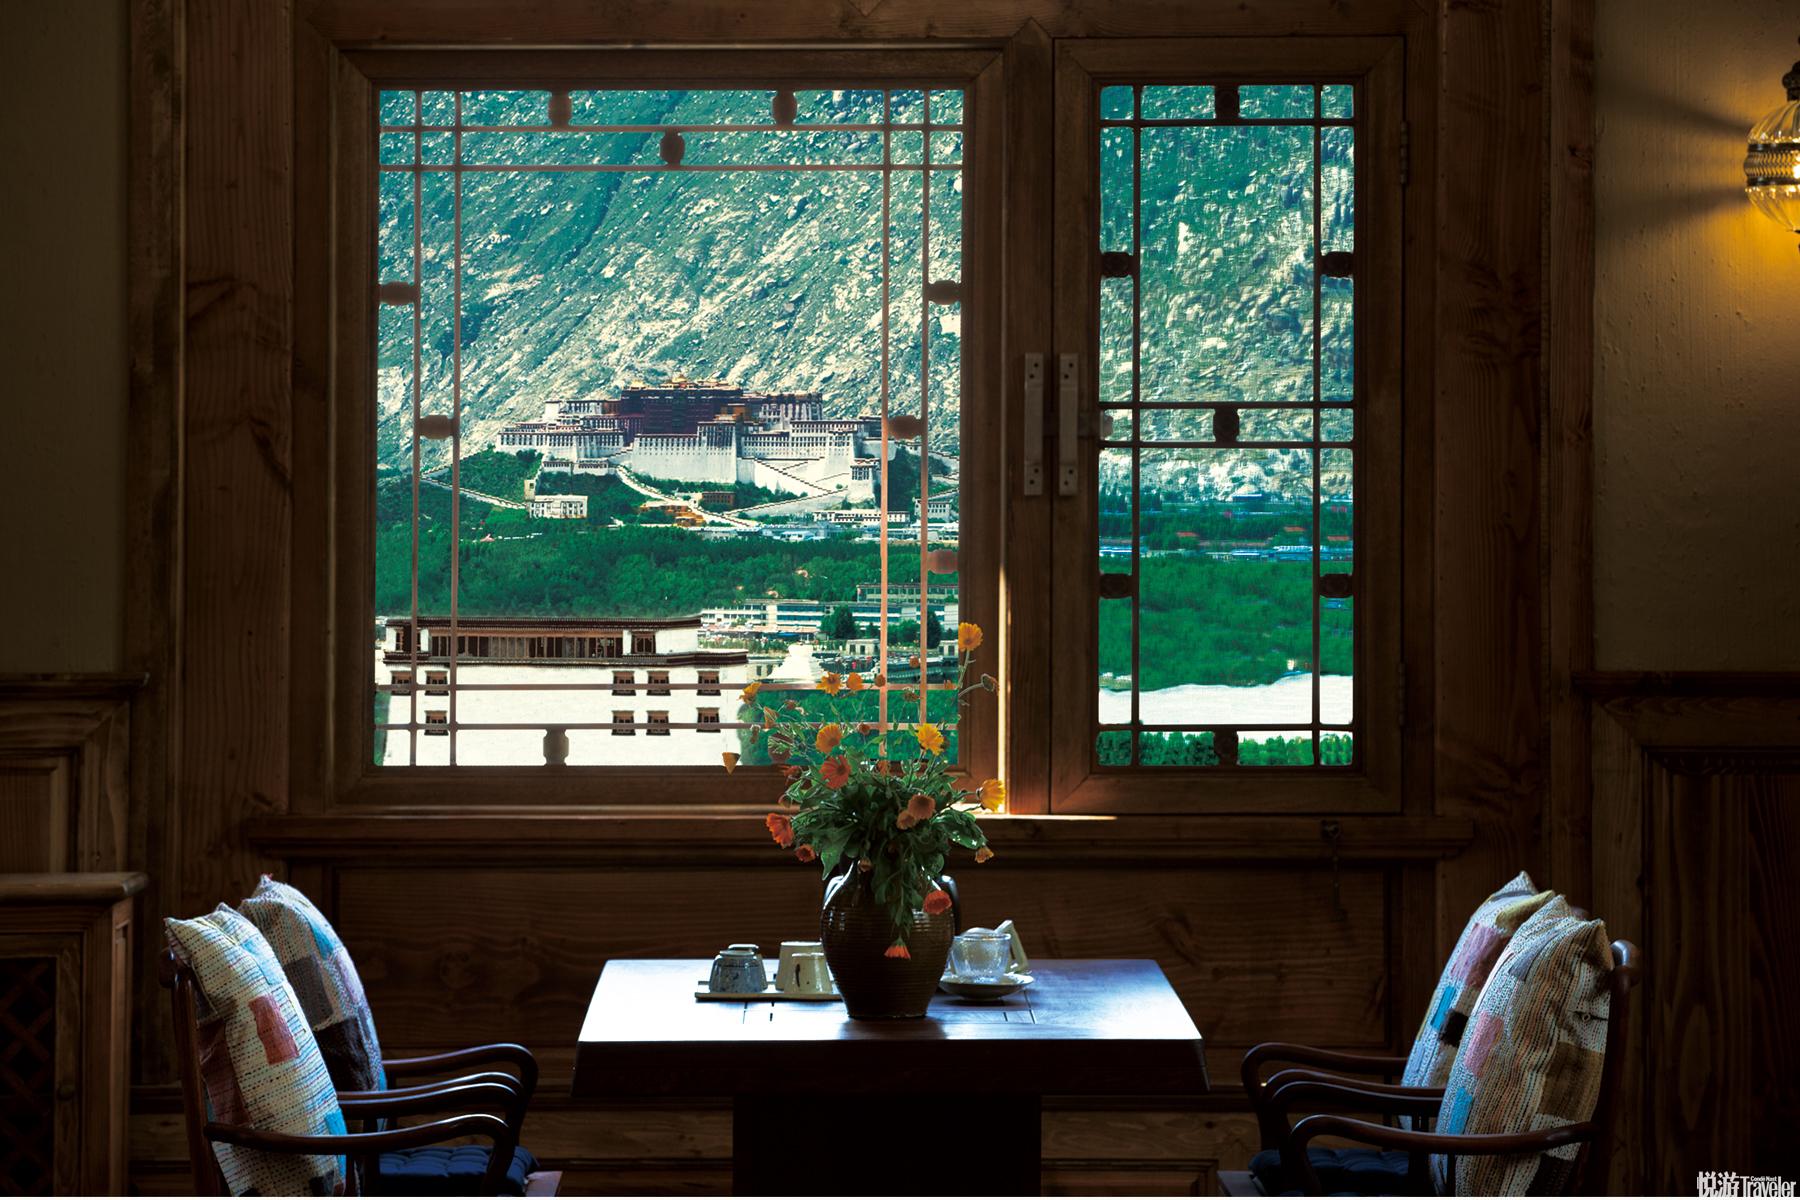 """餐厅供应着美味的藏餐与西餐,远处的布达拉宫就是你就餐时的窗景。这就是我们想带你回去的""""拉萨时光""""。"""